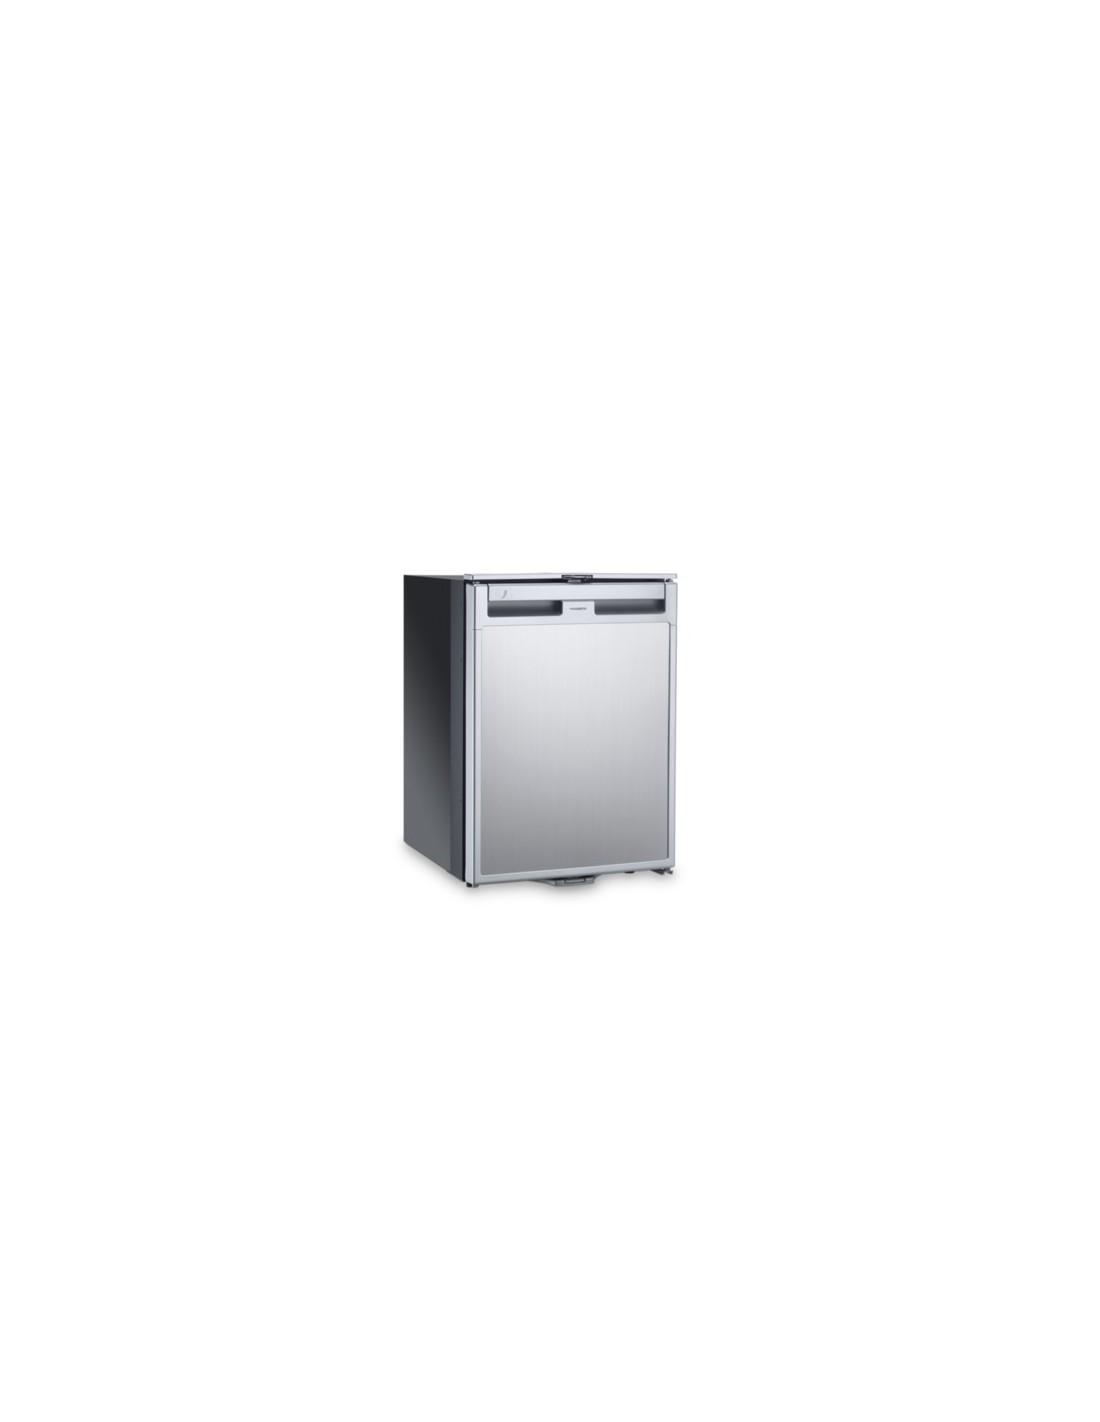 kompressor k hlschrank dometic coolmatic crp 40 12 24v 39. Black Bedroom Furniture Sets. Home Design Ideas